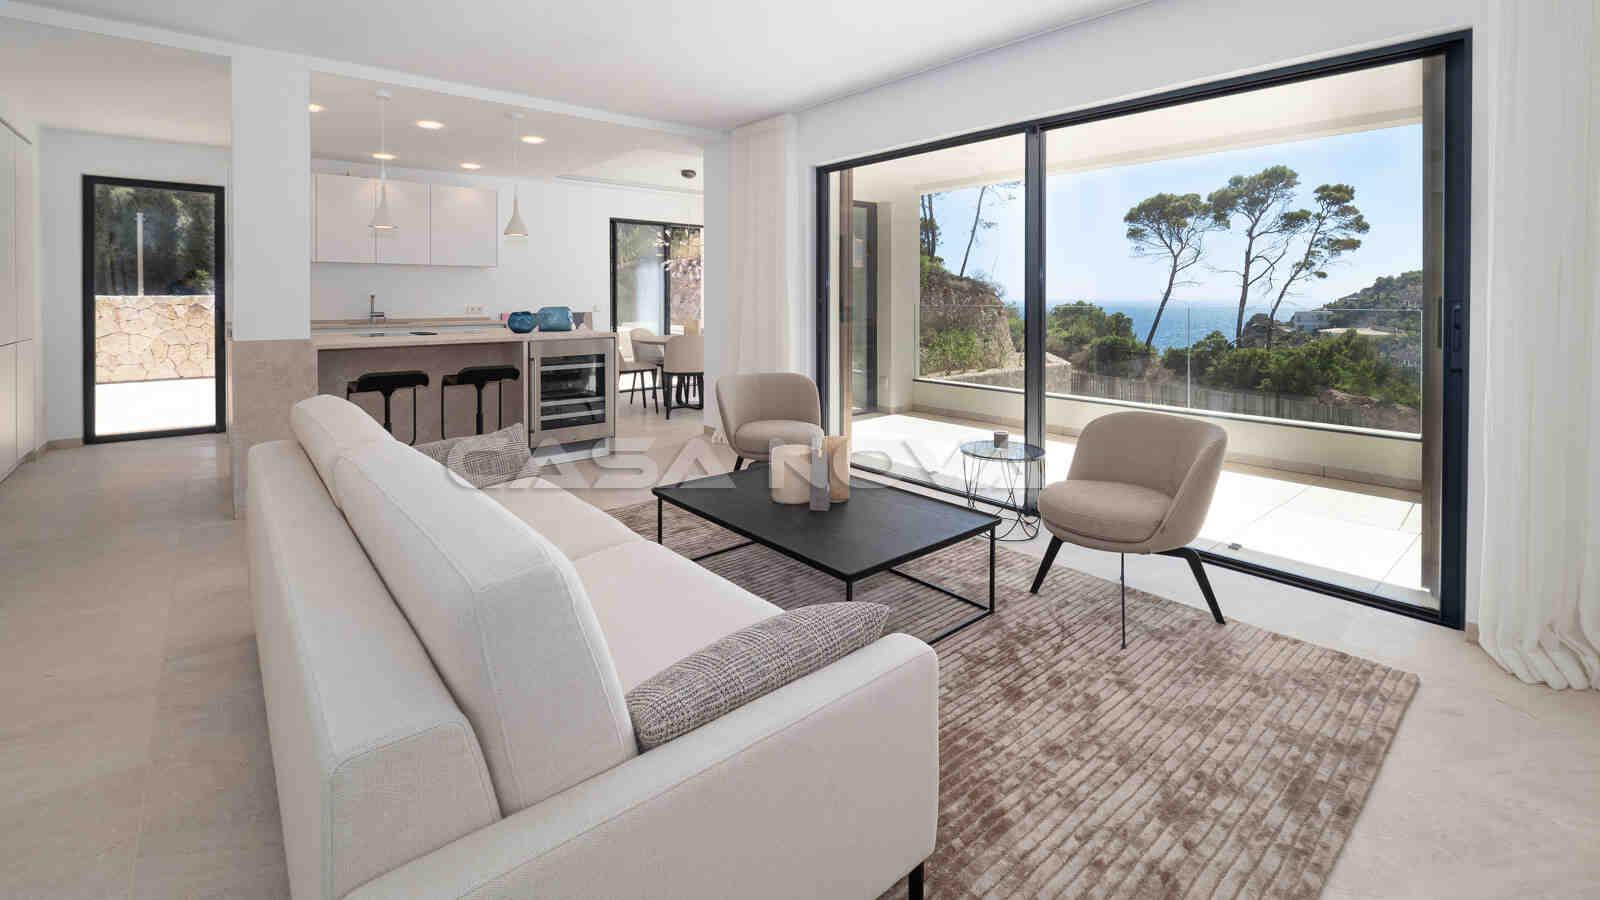 Modernes Wohnzimmer mit Terrassenzugang